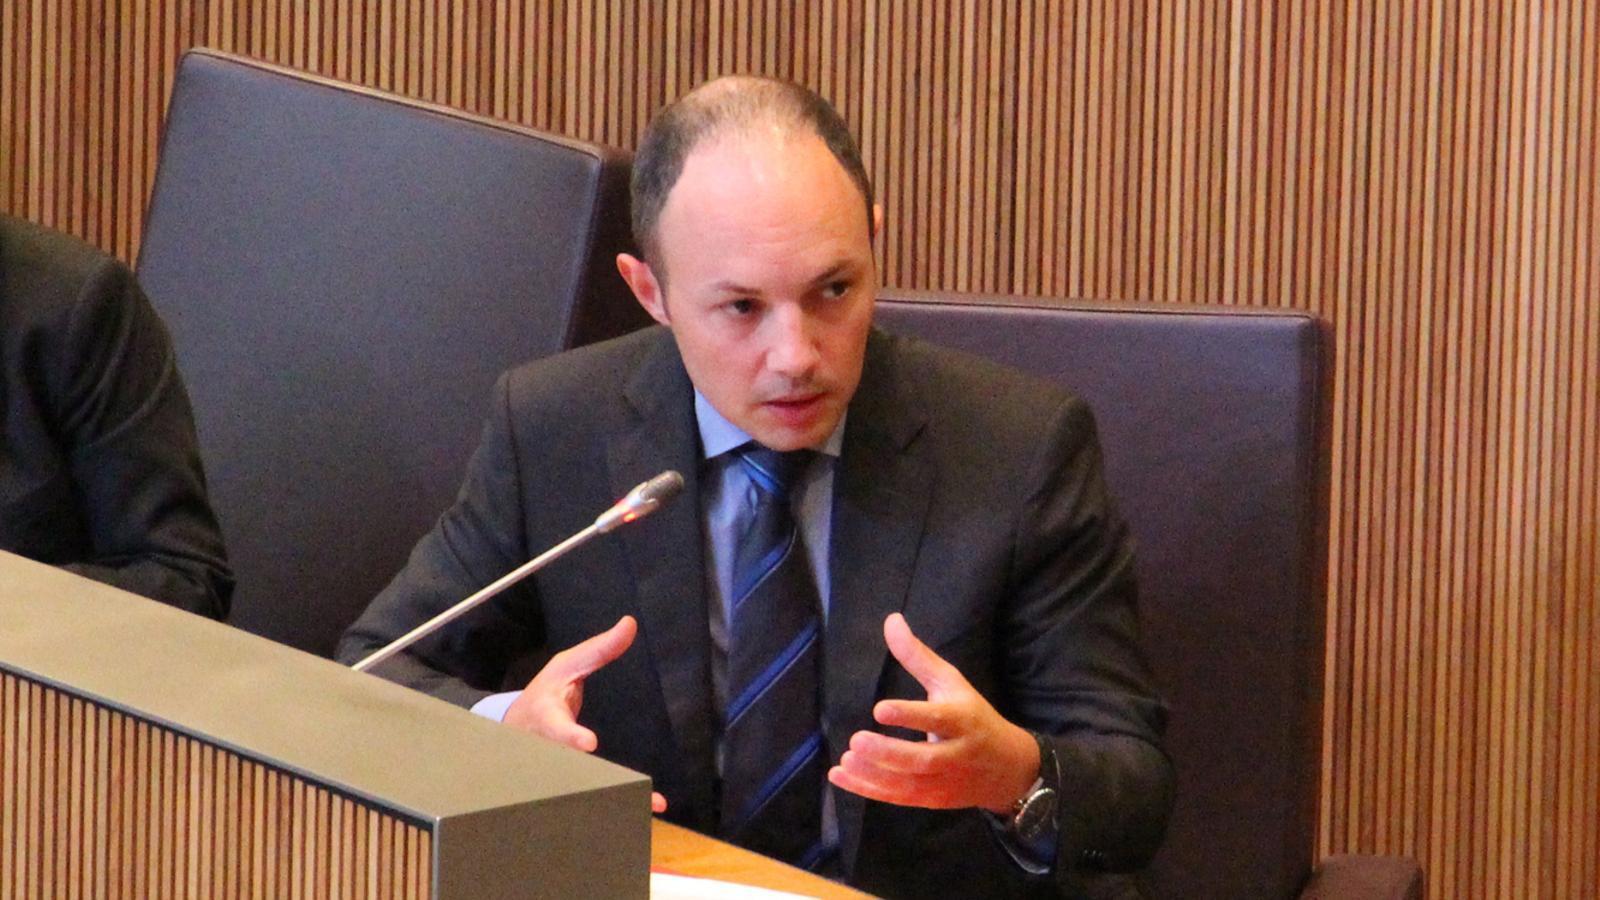 Es preveu des del control i autoritzaci fins a la recerca for Ministre interior